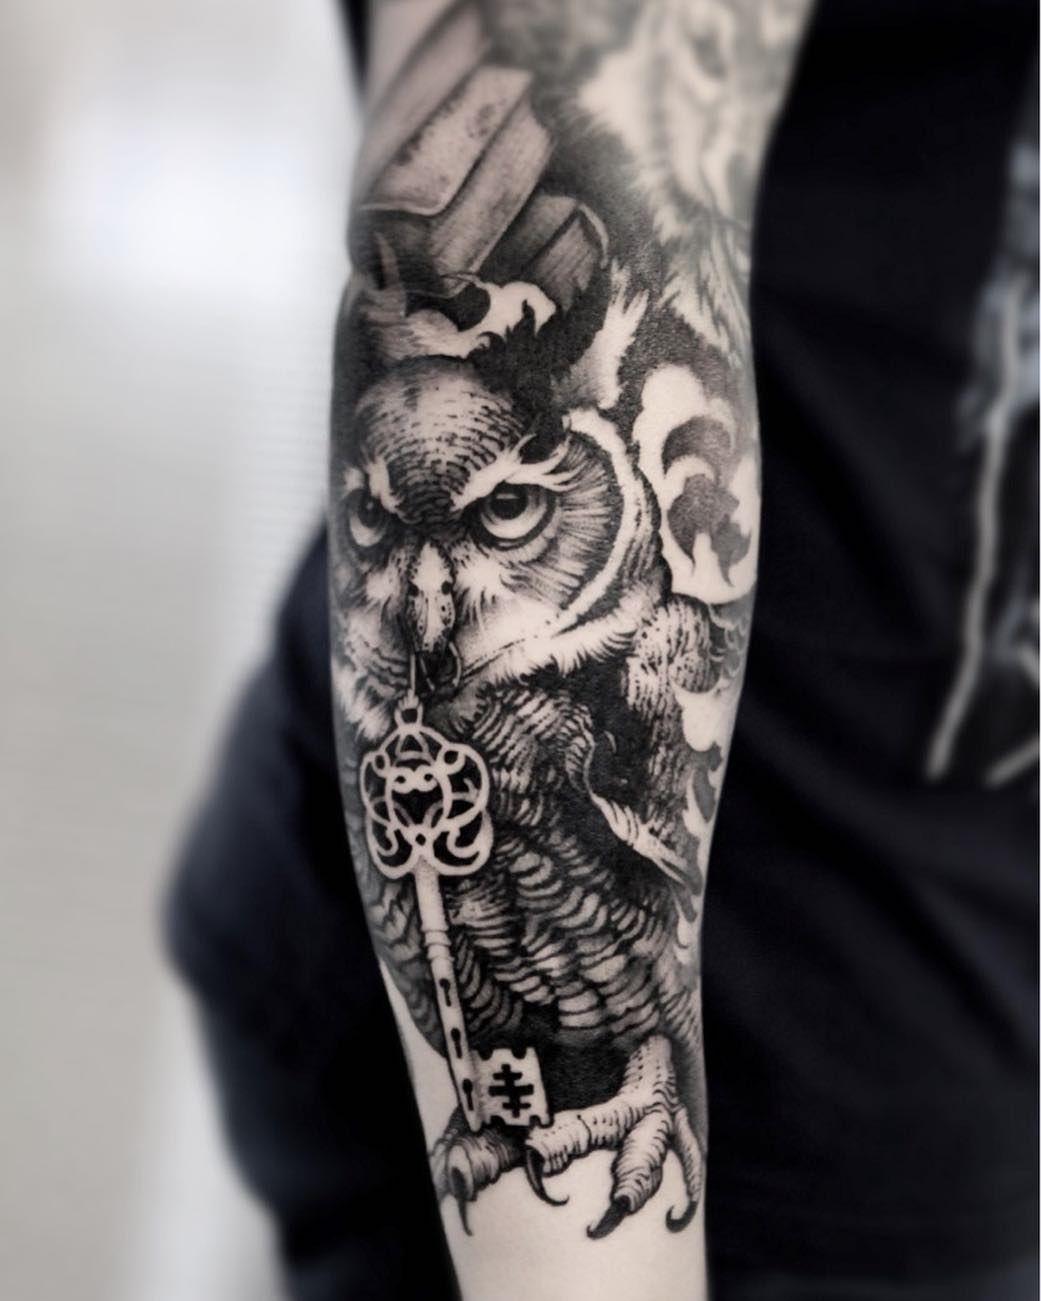 Owl Tattoos   Owl tattoo design, Tattoos, Sleeve tattoos